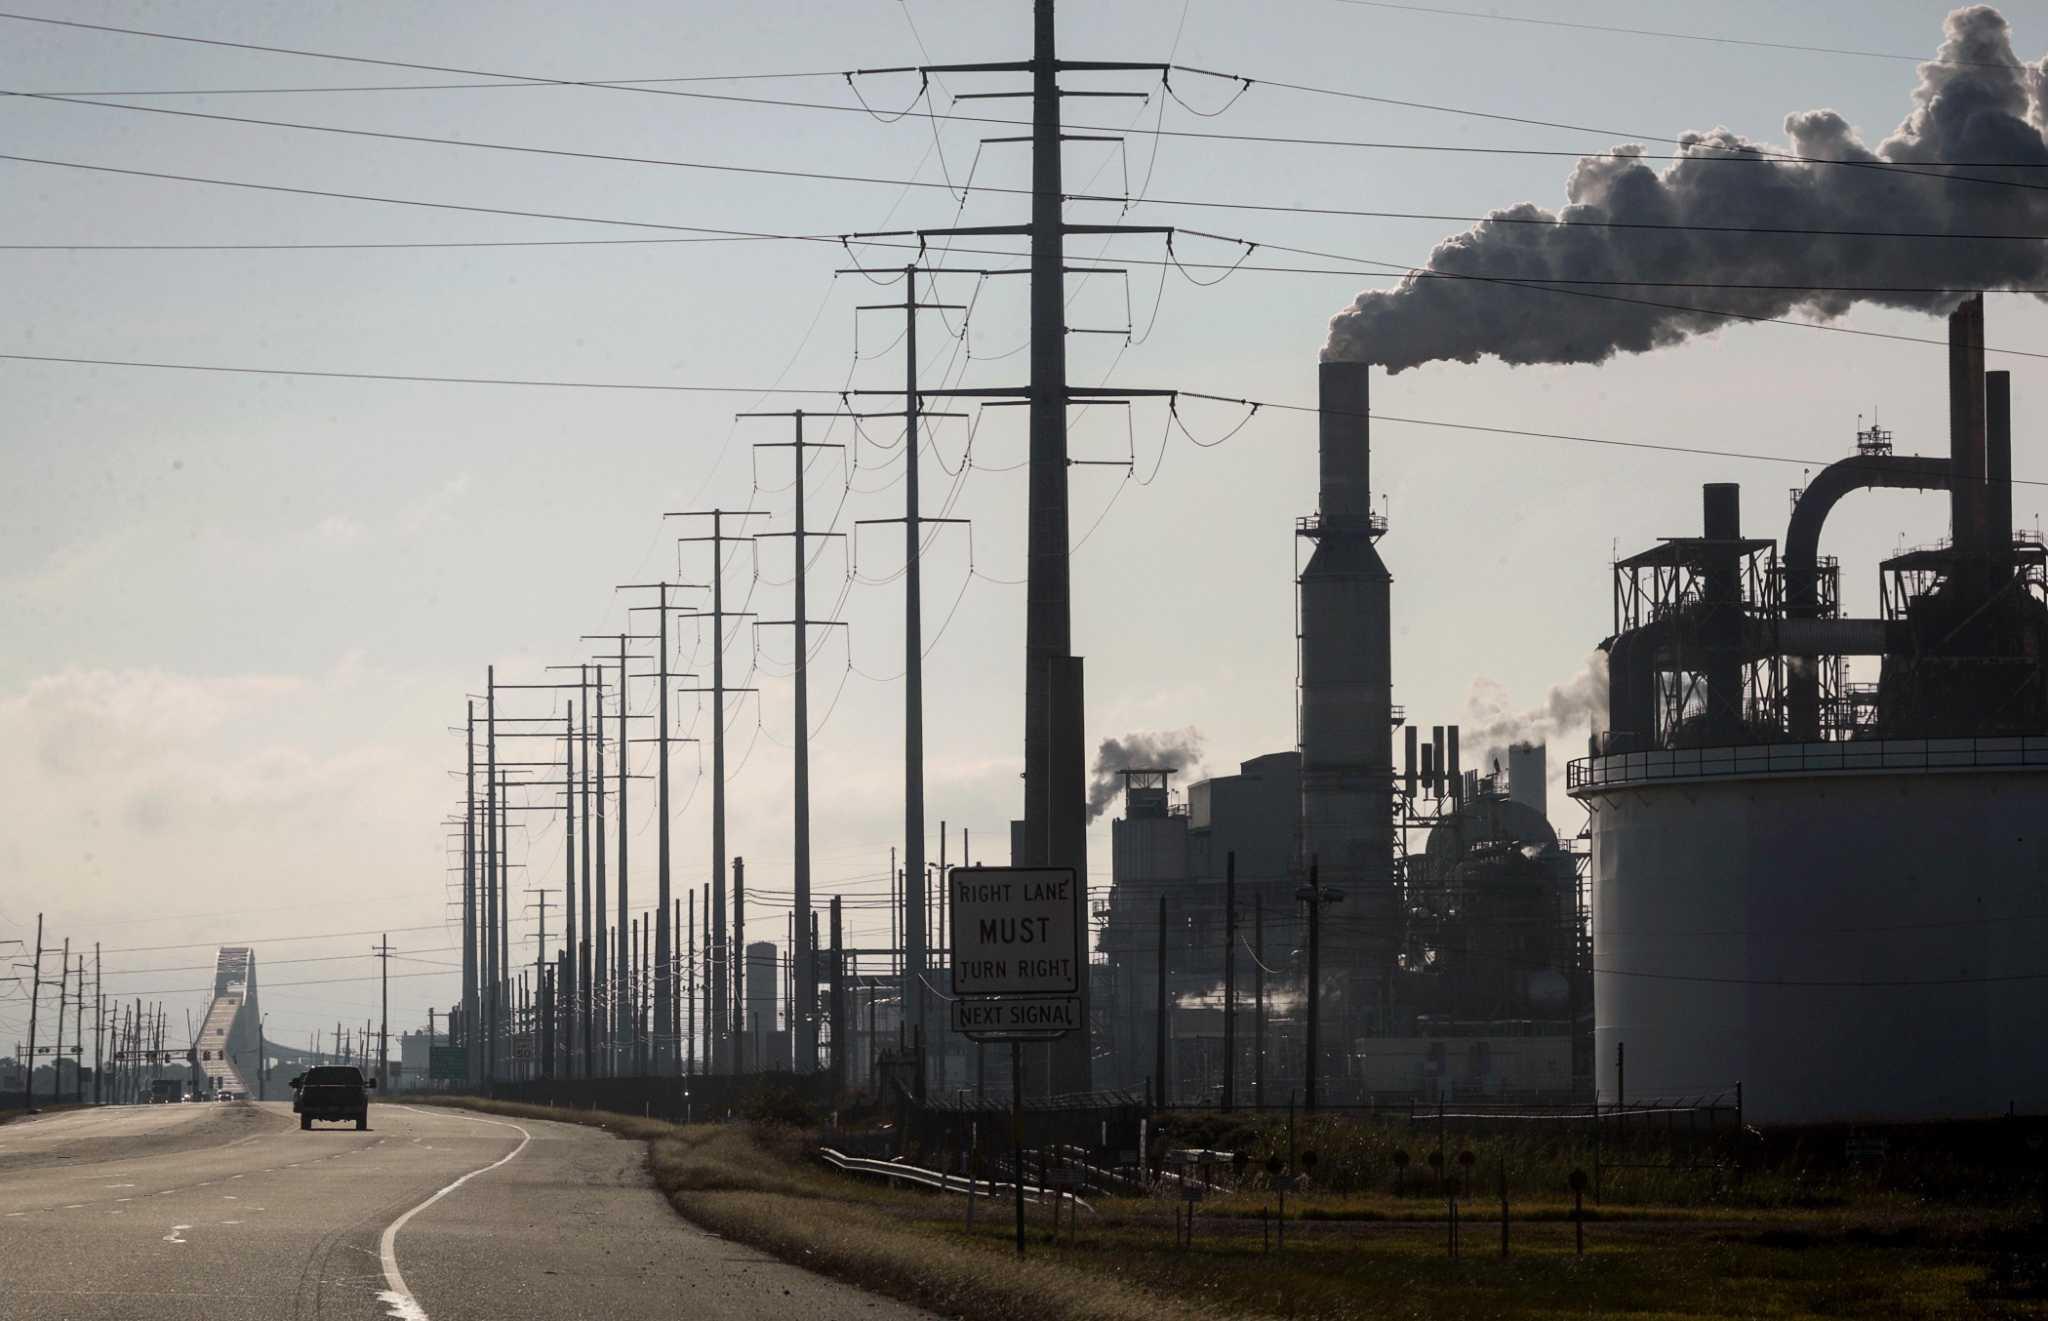 Valero, Darling planning major renewable diesel refinery in